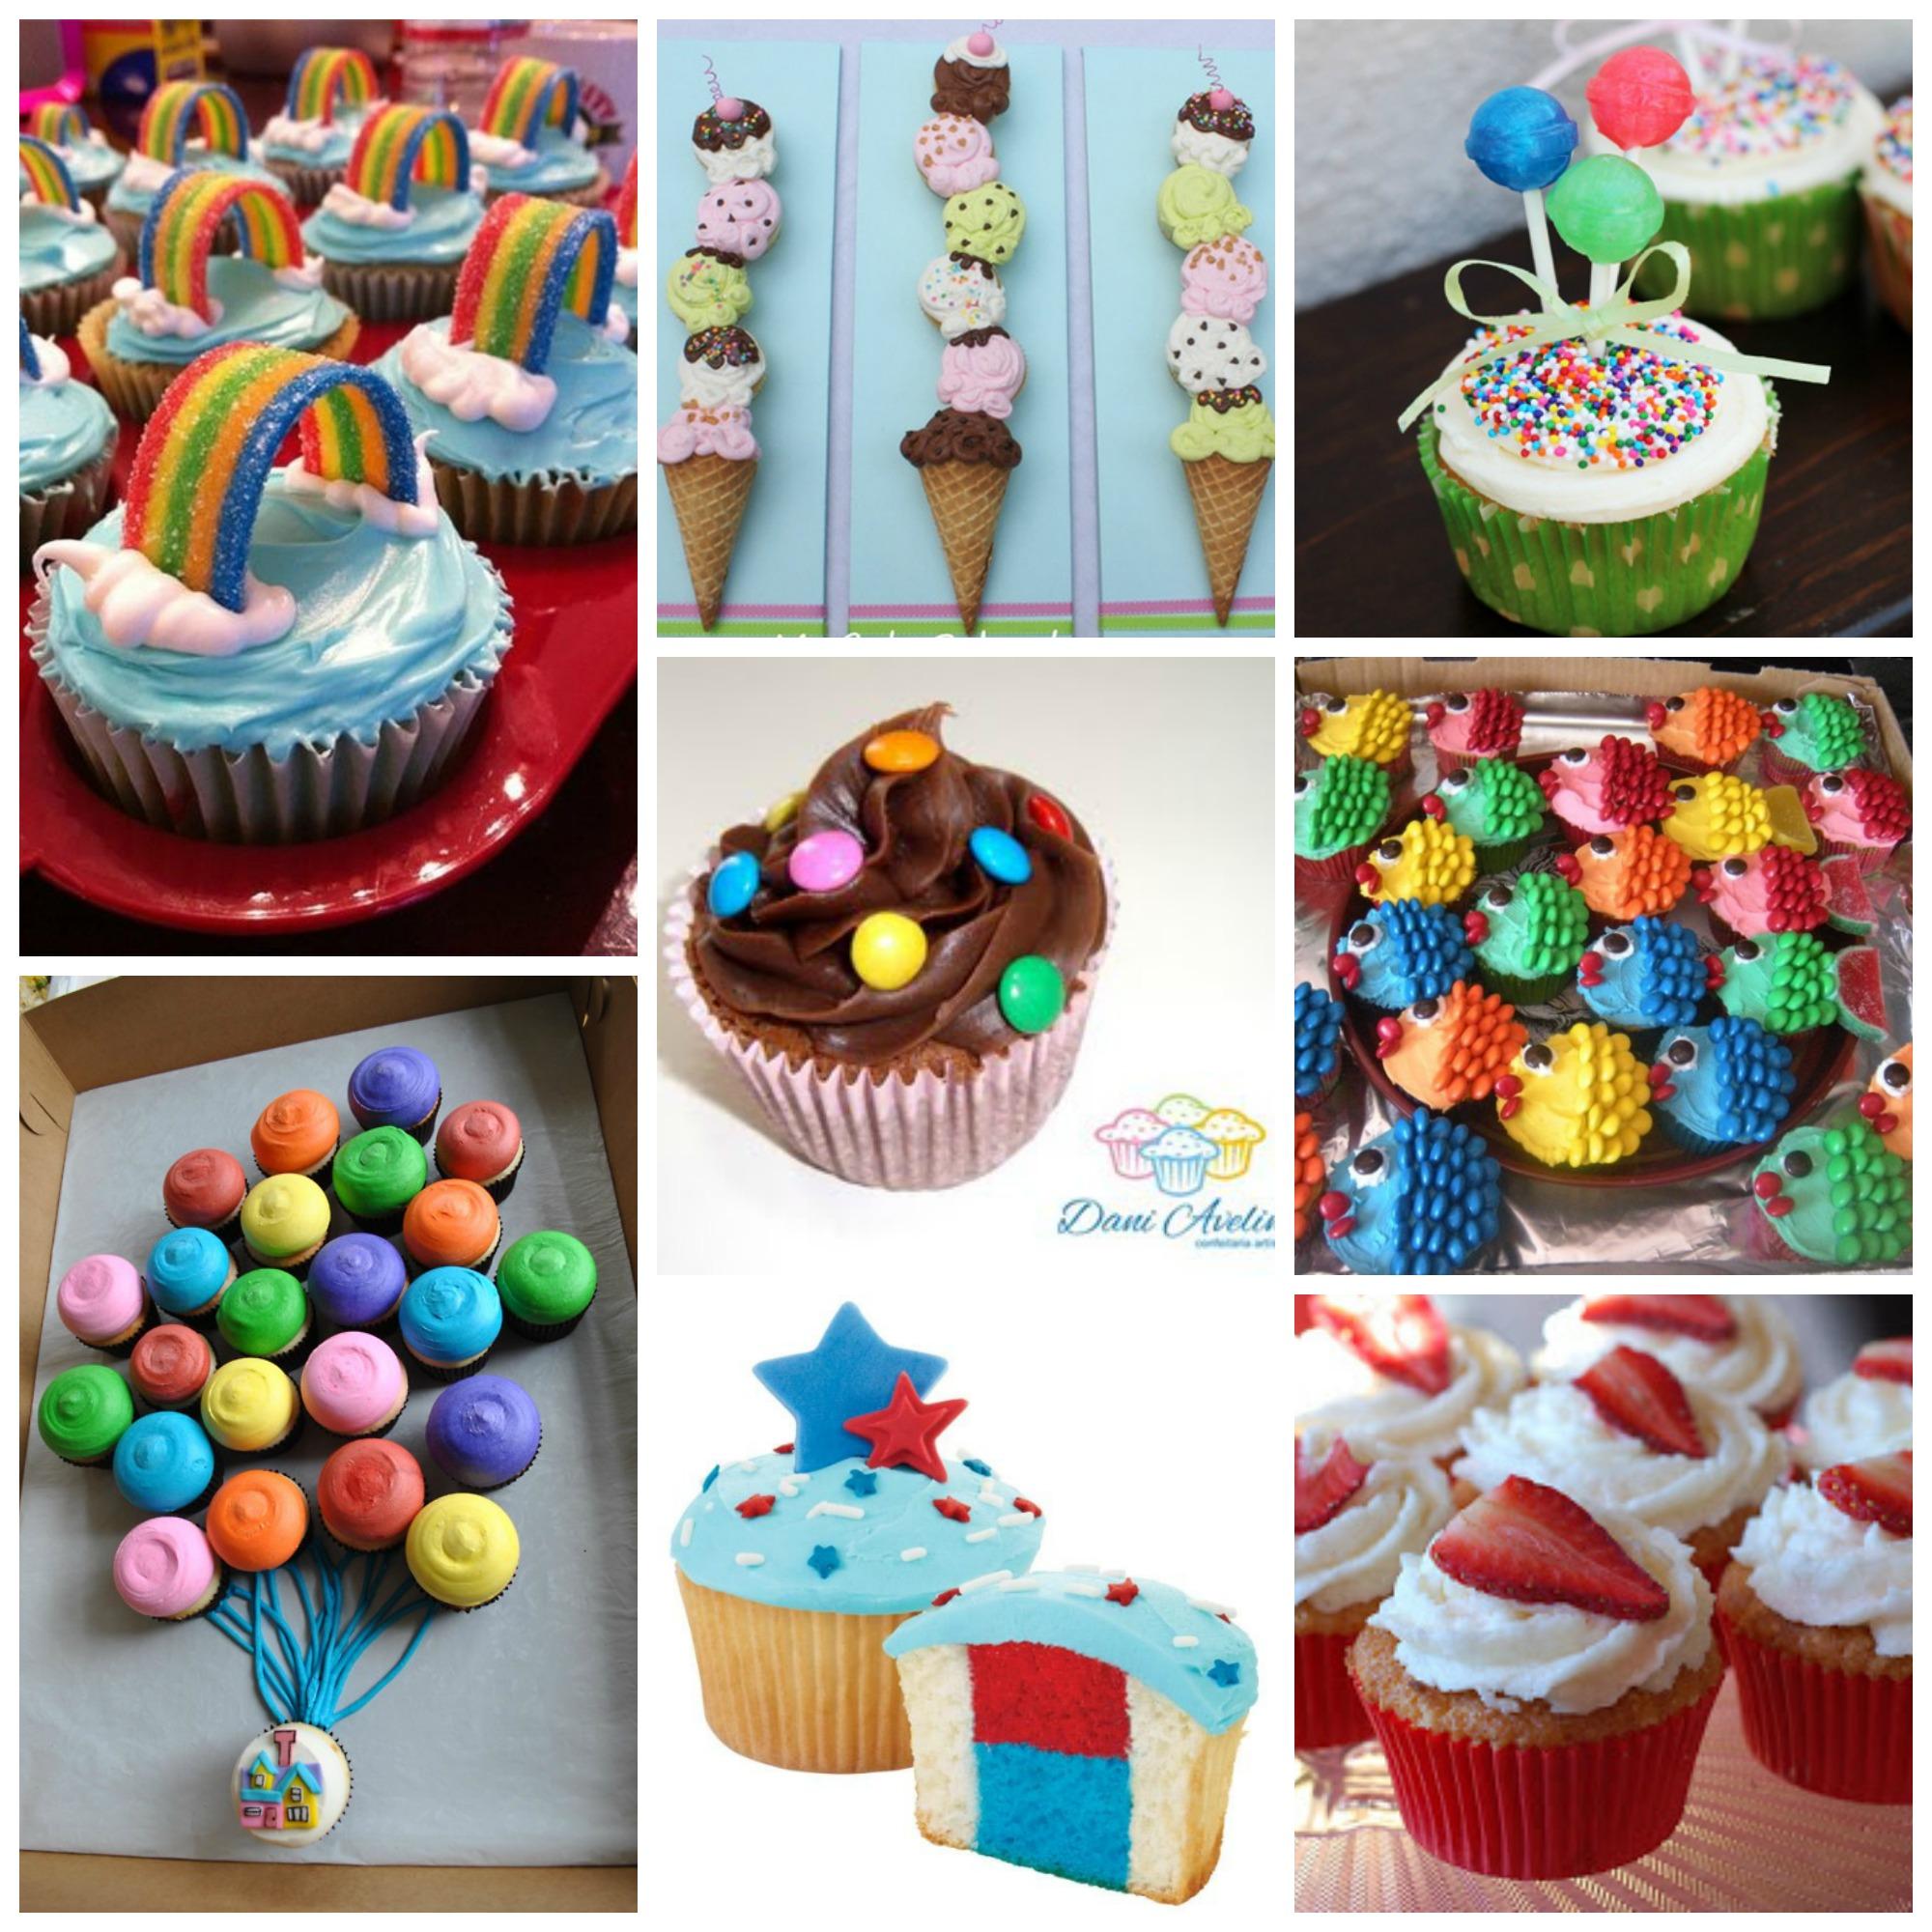 Decoraç u00e3o de bolo ideias simples e fáceis de fazer!